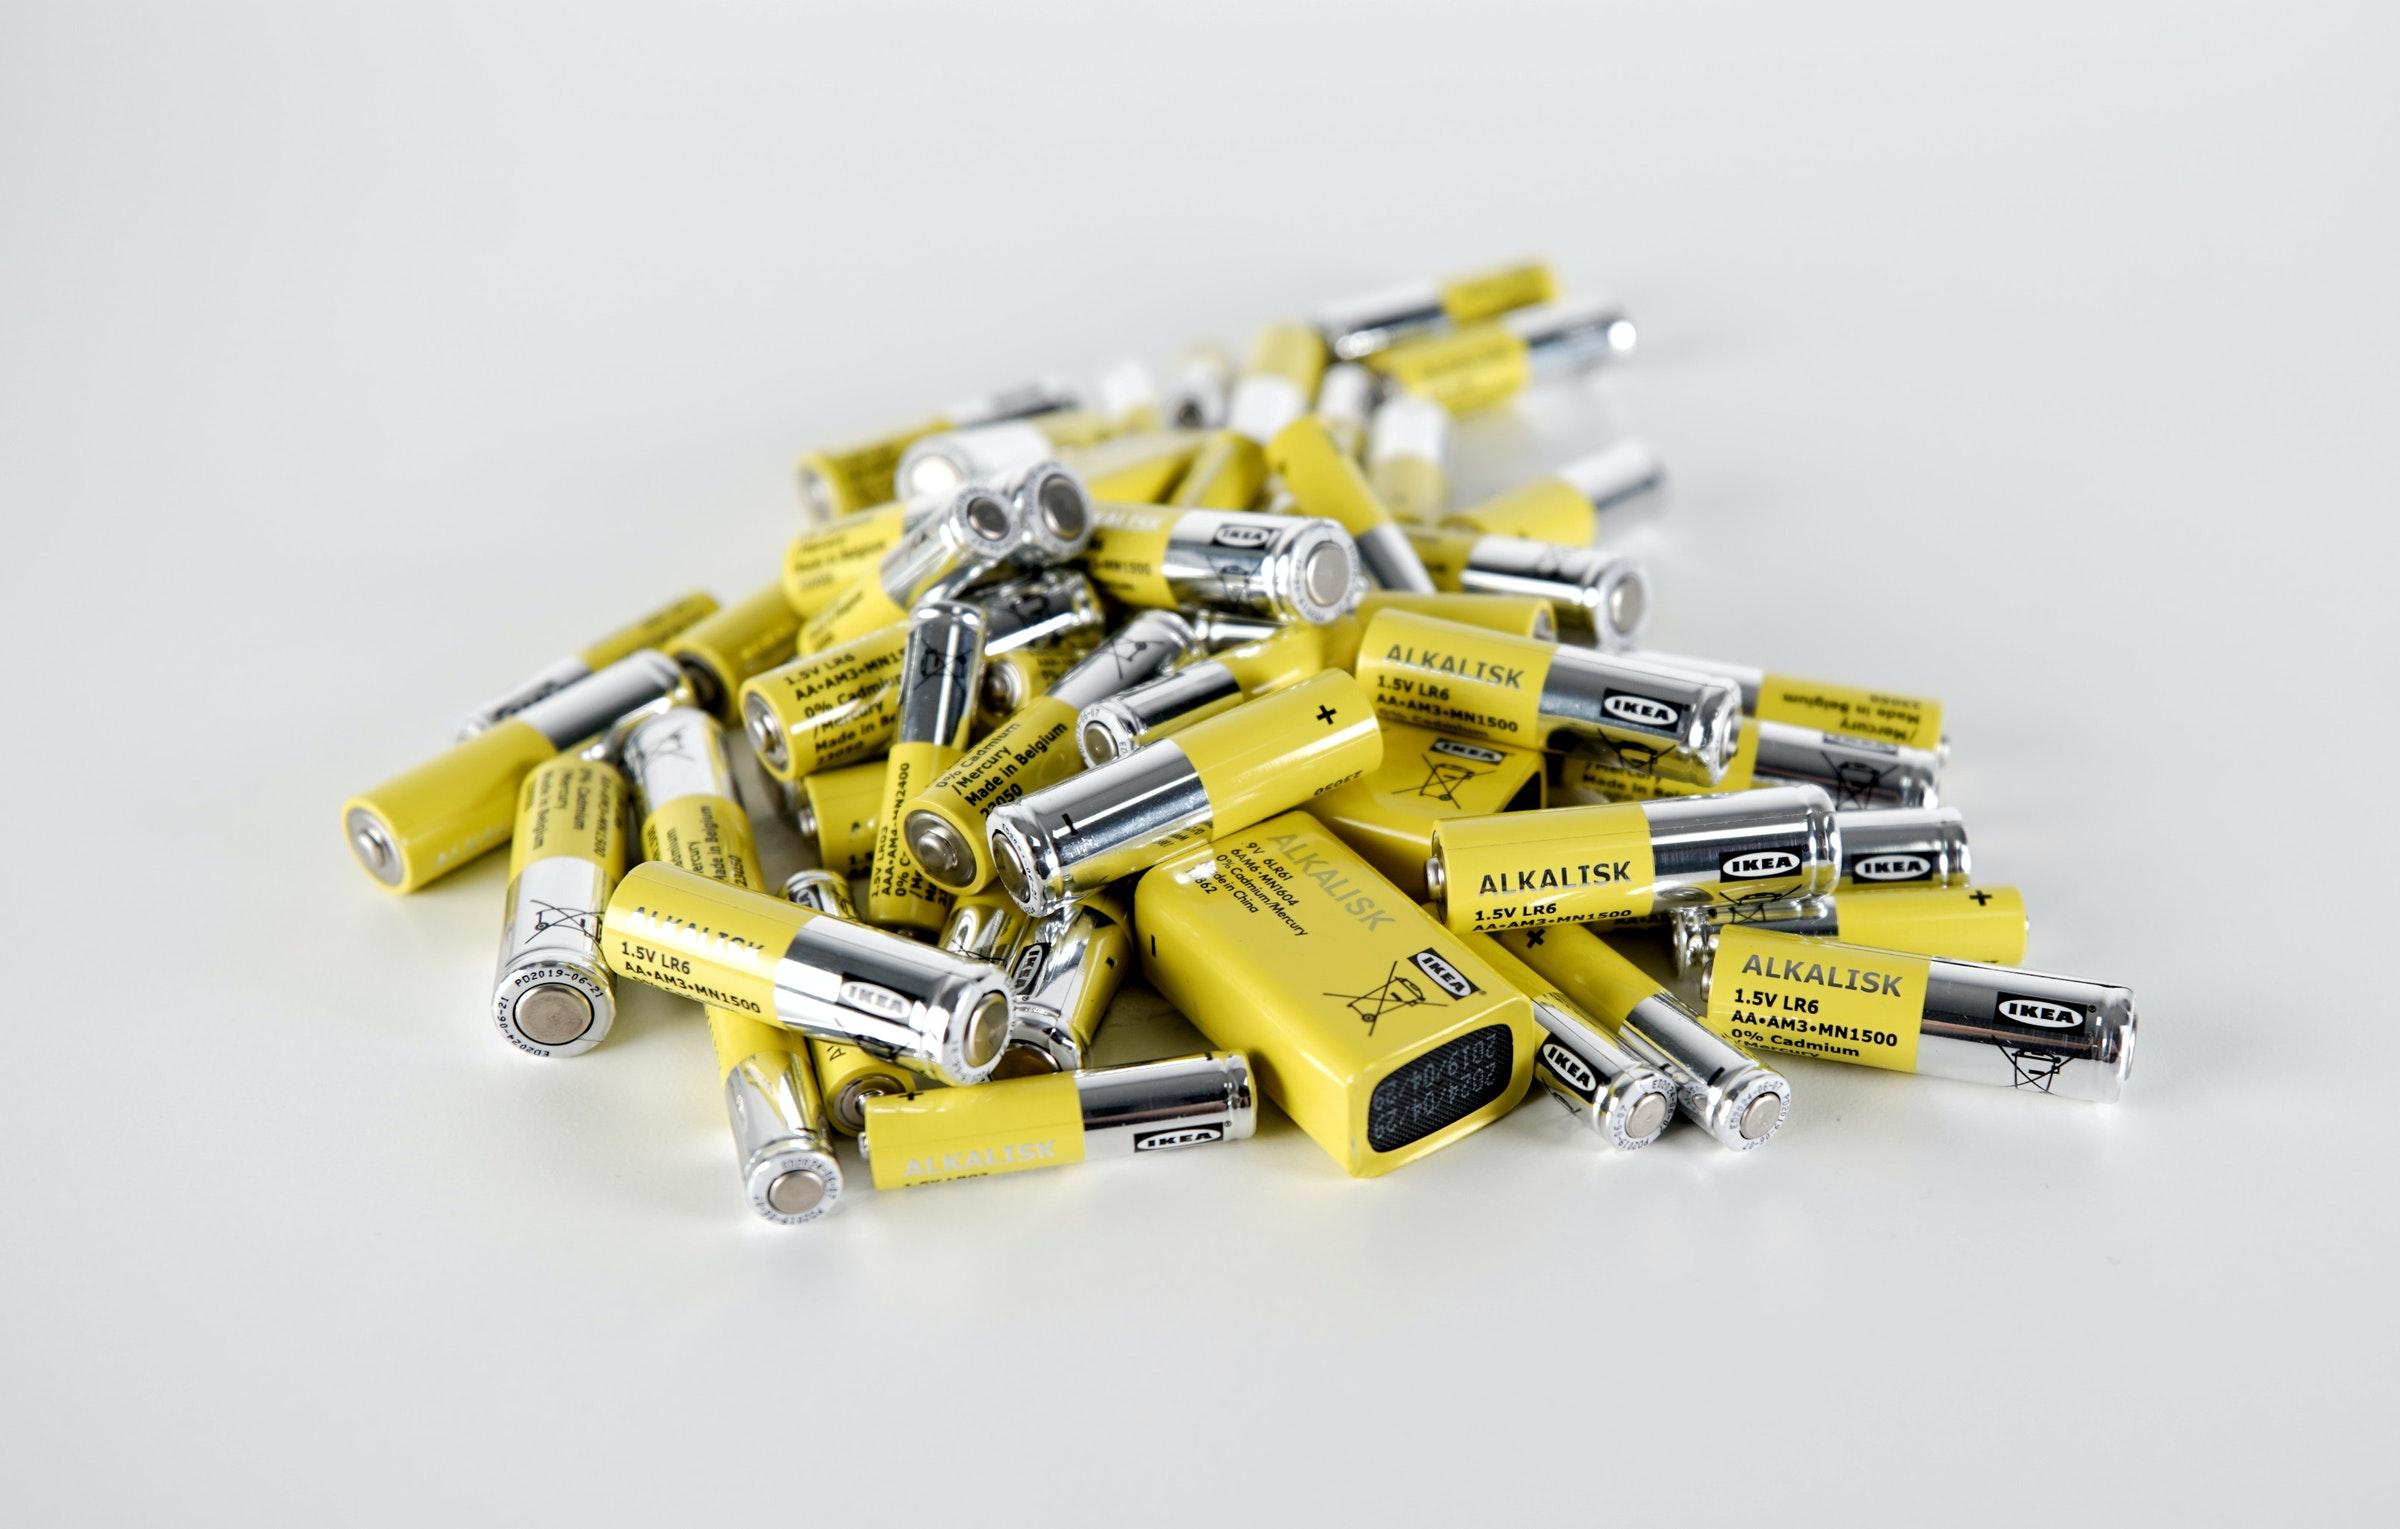 照片中提到了CHE、ALKALISK、1.5V LR6,跟阿巴拉契亞州立大學有關,包含了電動電池、宜家拉達可充電電池1.2 V 1000 mAh、電池、可充電電池、鹼性電池